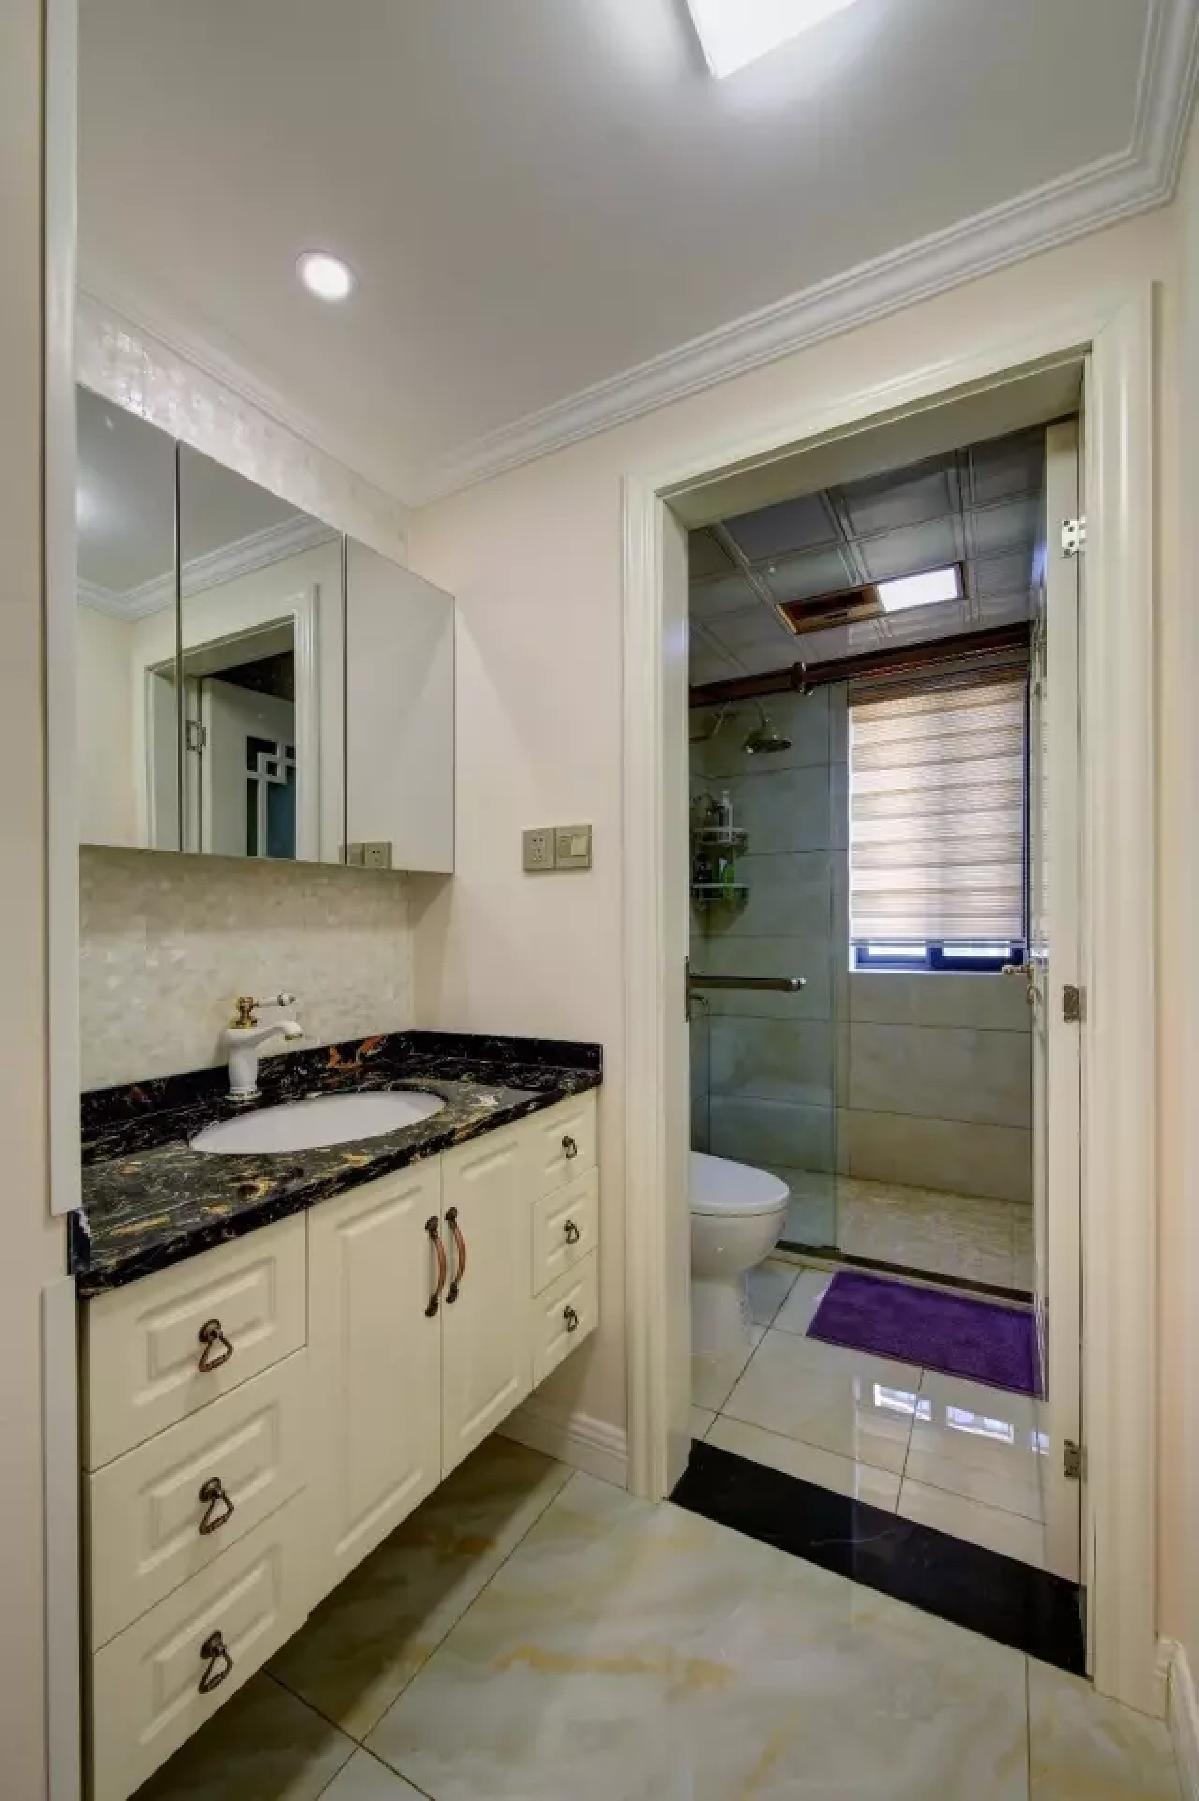 卫生间把洗手盆安排在门外,采用玉质的地砖,在温润的空间基调搭配下,打造出一个舒适又温馨的氛围。